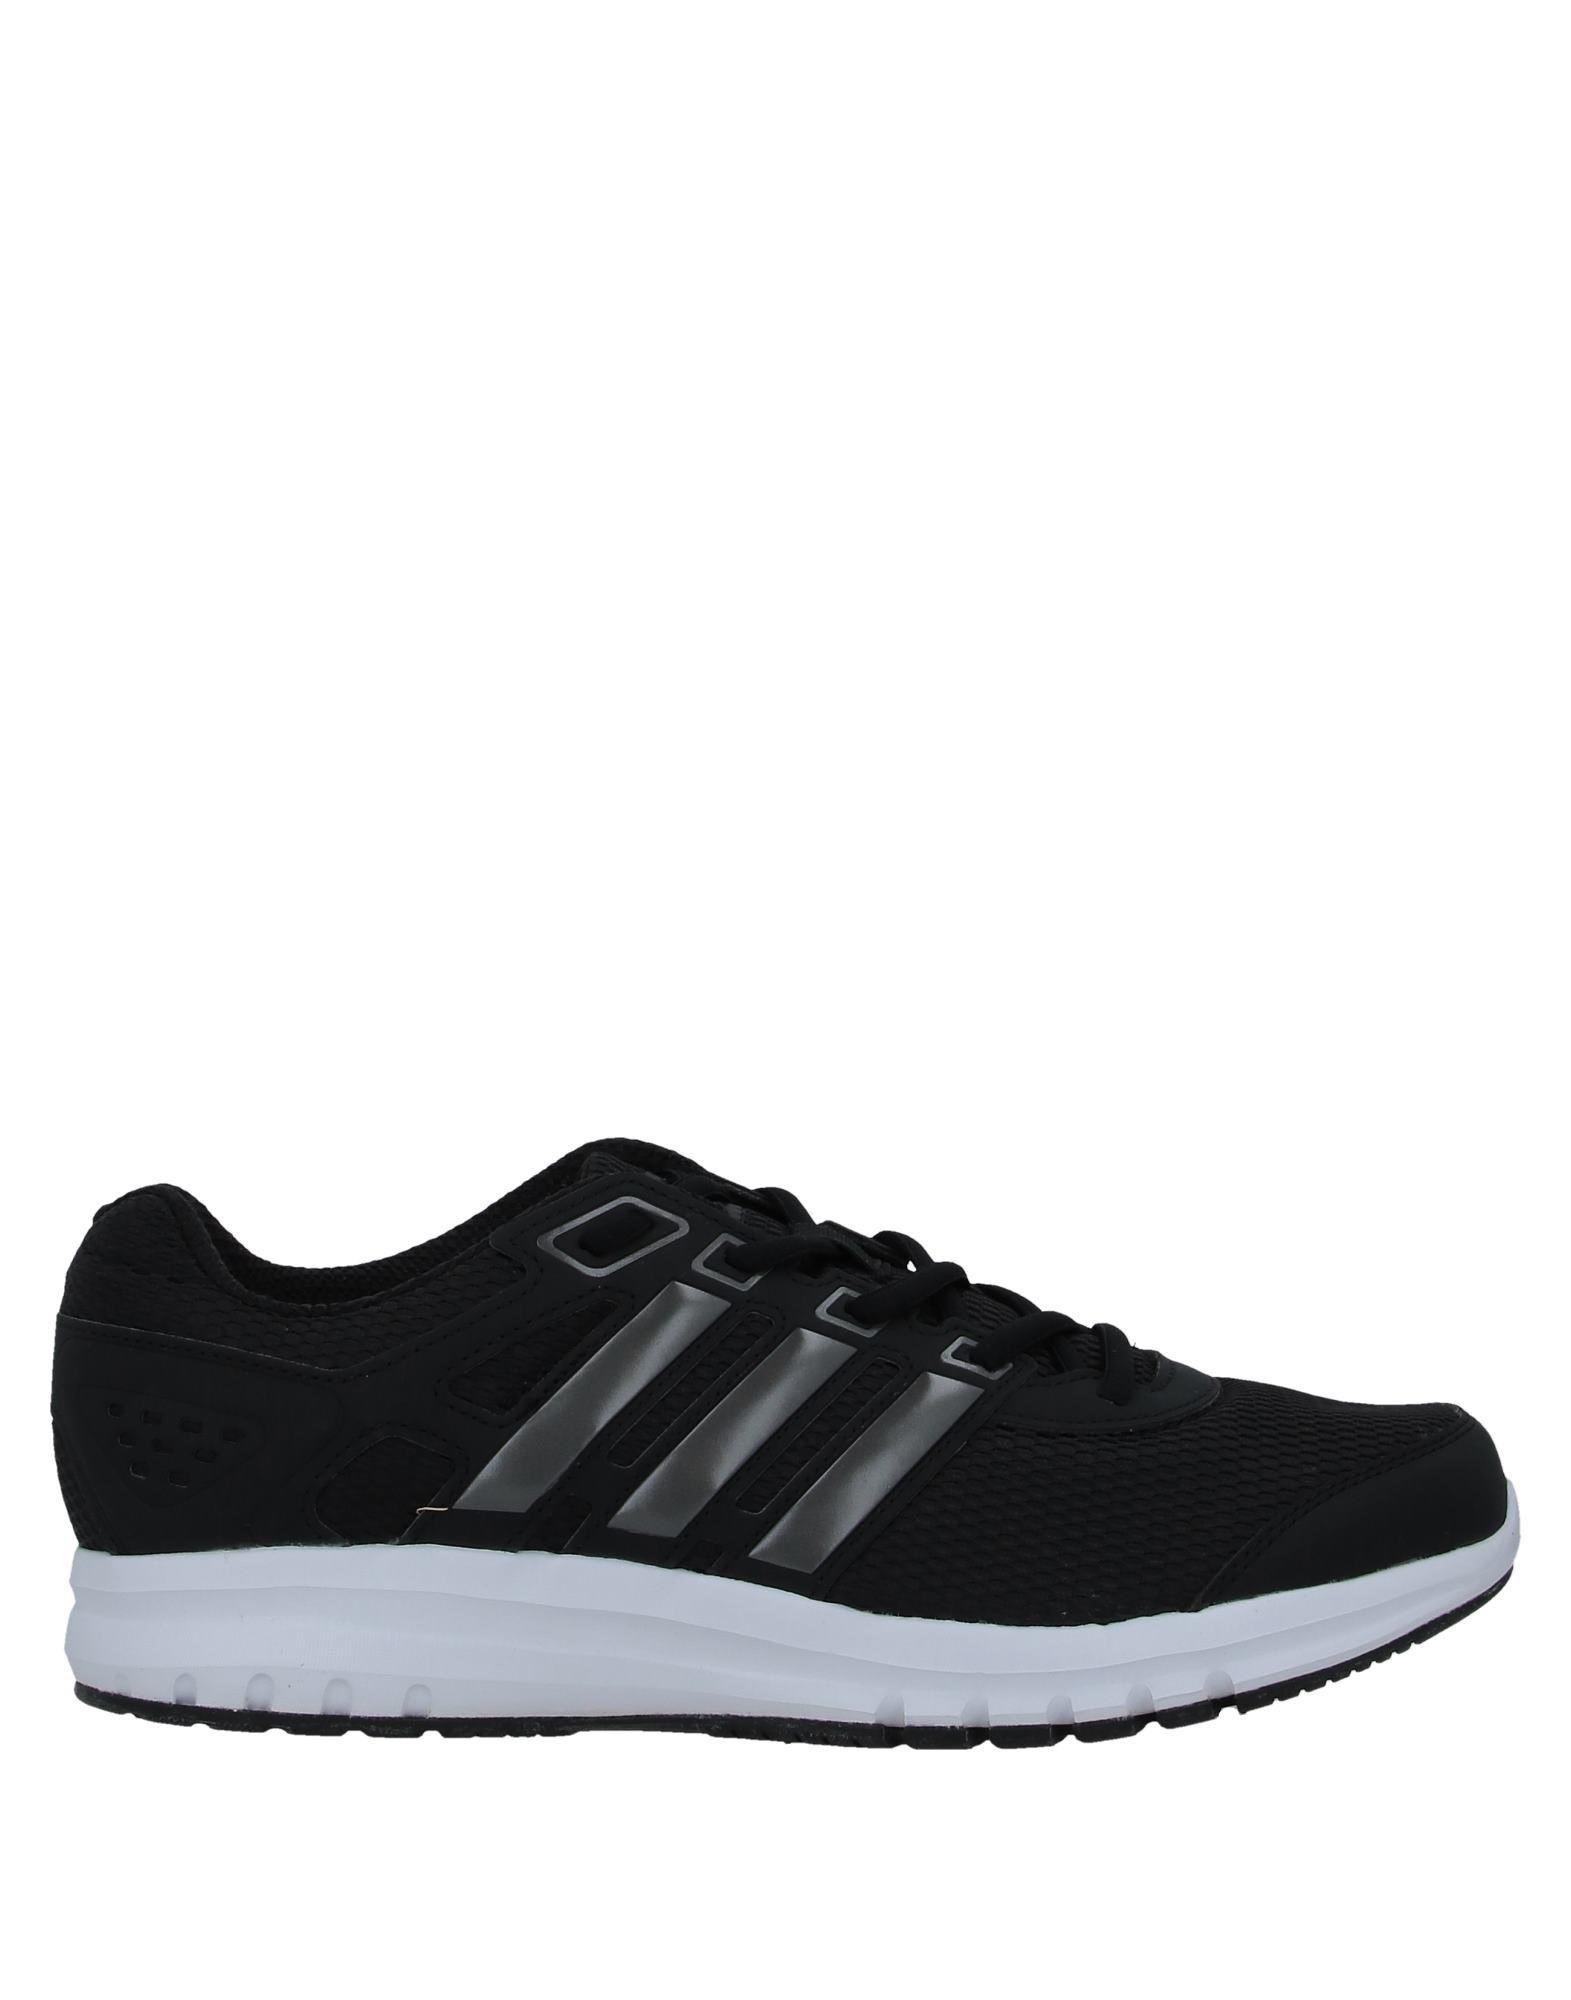 кроссовки adidas кроссовки lite racer w ftwwht ftwwht msilve ADIDAS Низкие кеды и кроссовки